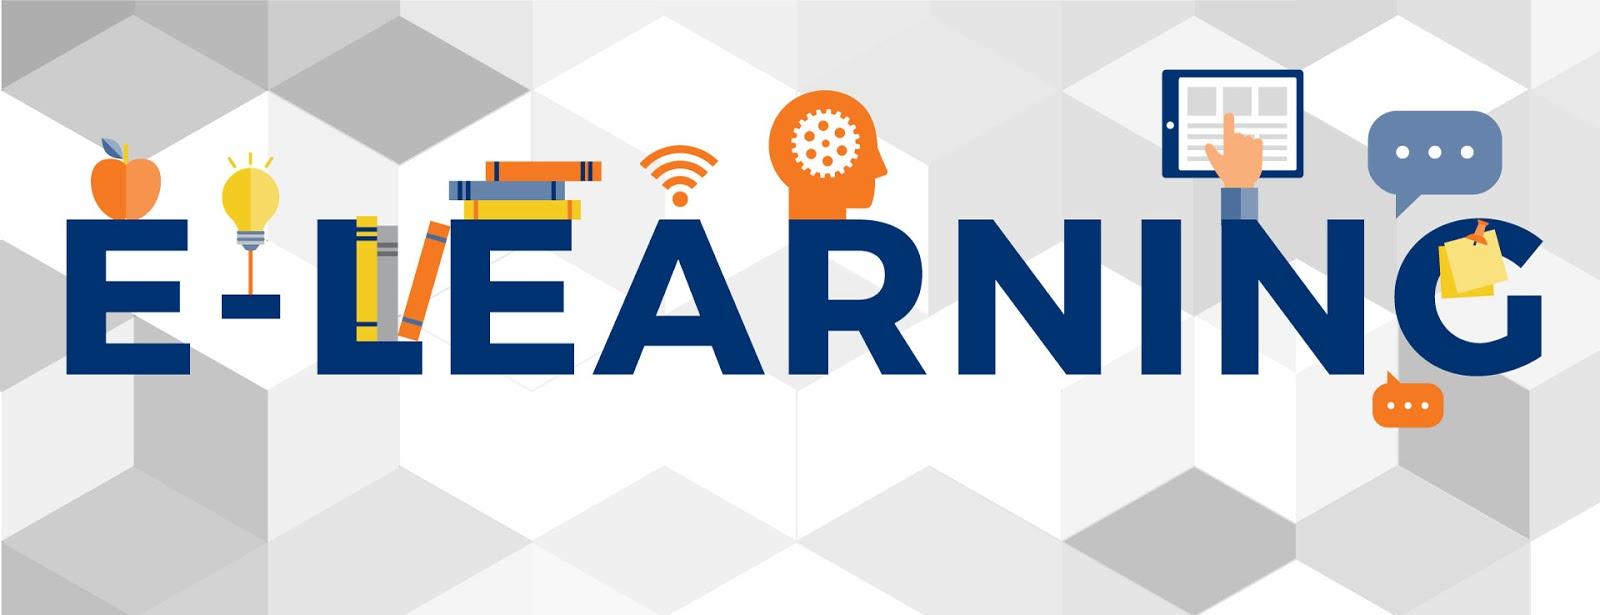 Contoh Soal Megenai Blog Tugas Makalah E Learning